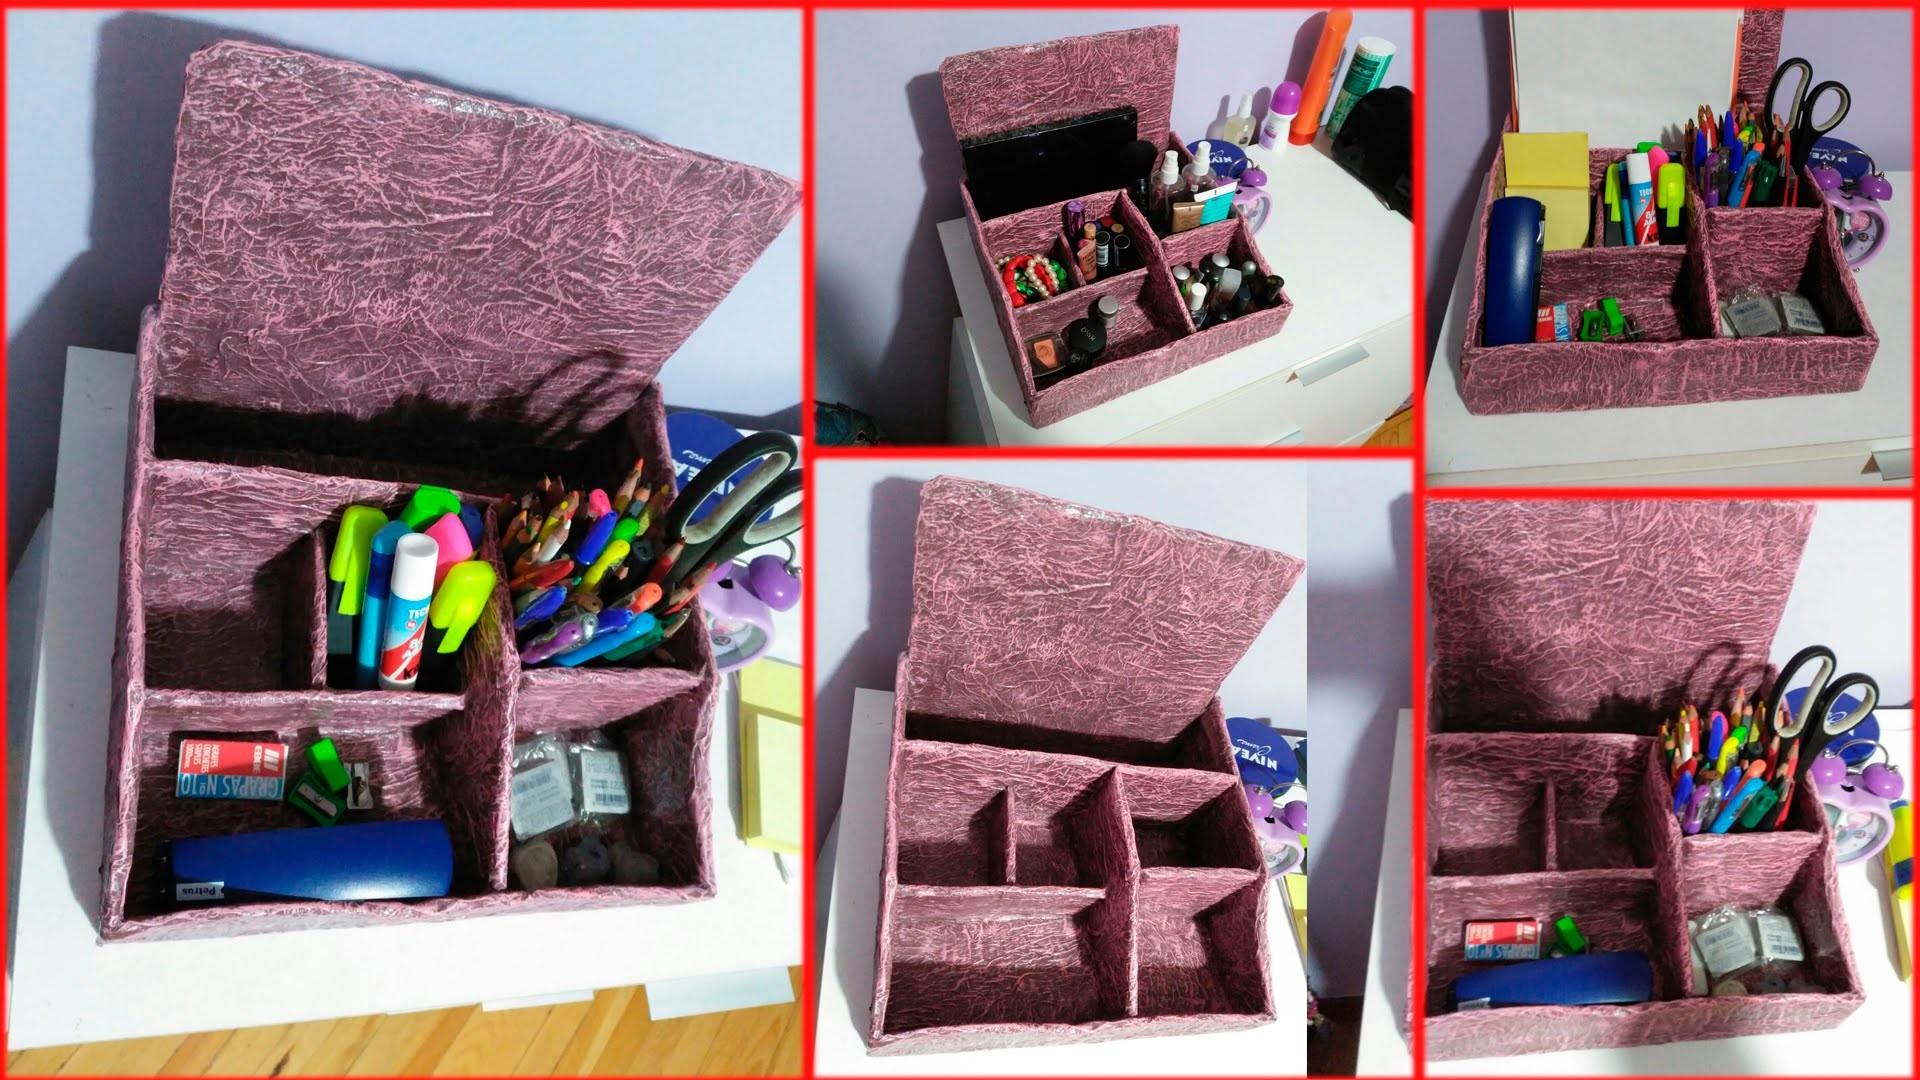 Organizador carton y papel cardboard paper organizer - Organizador de papeles ...